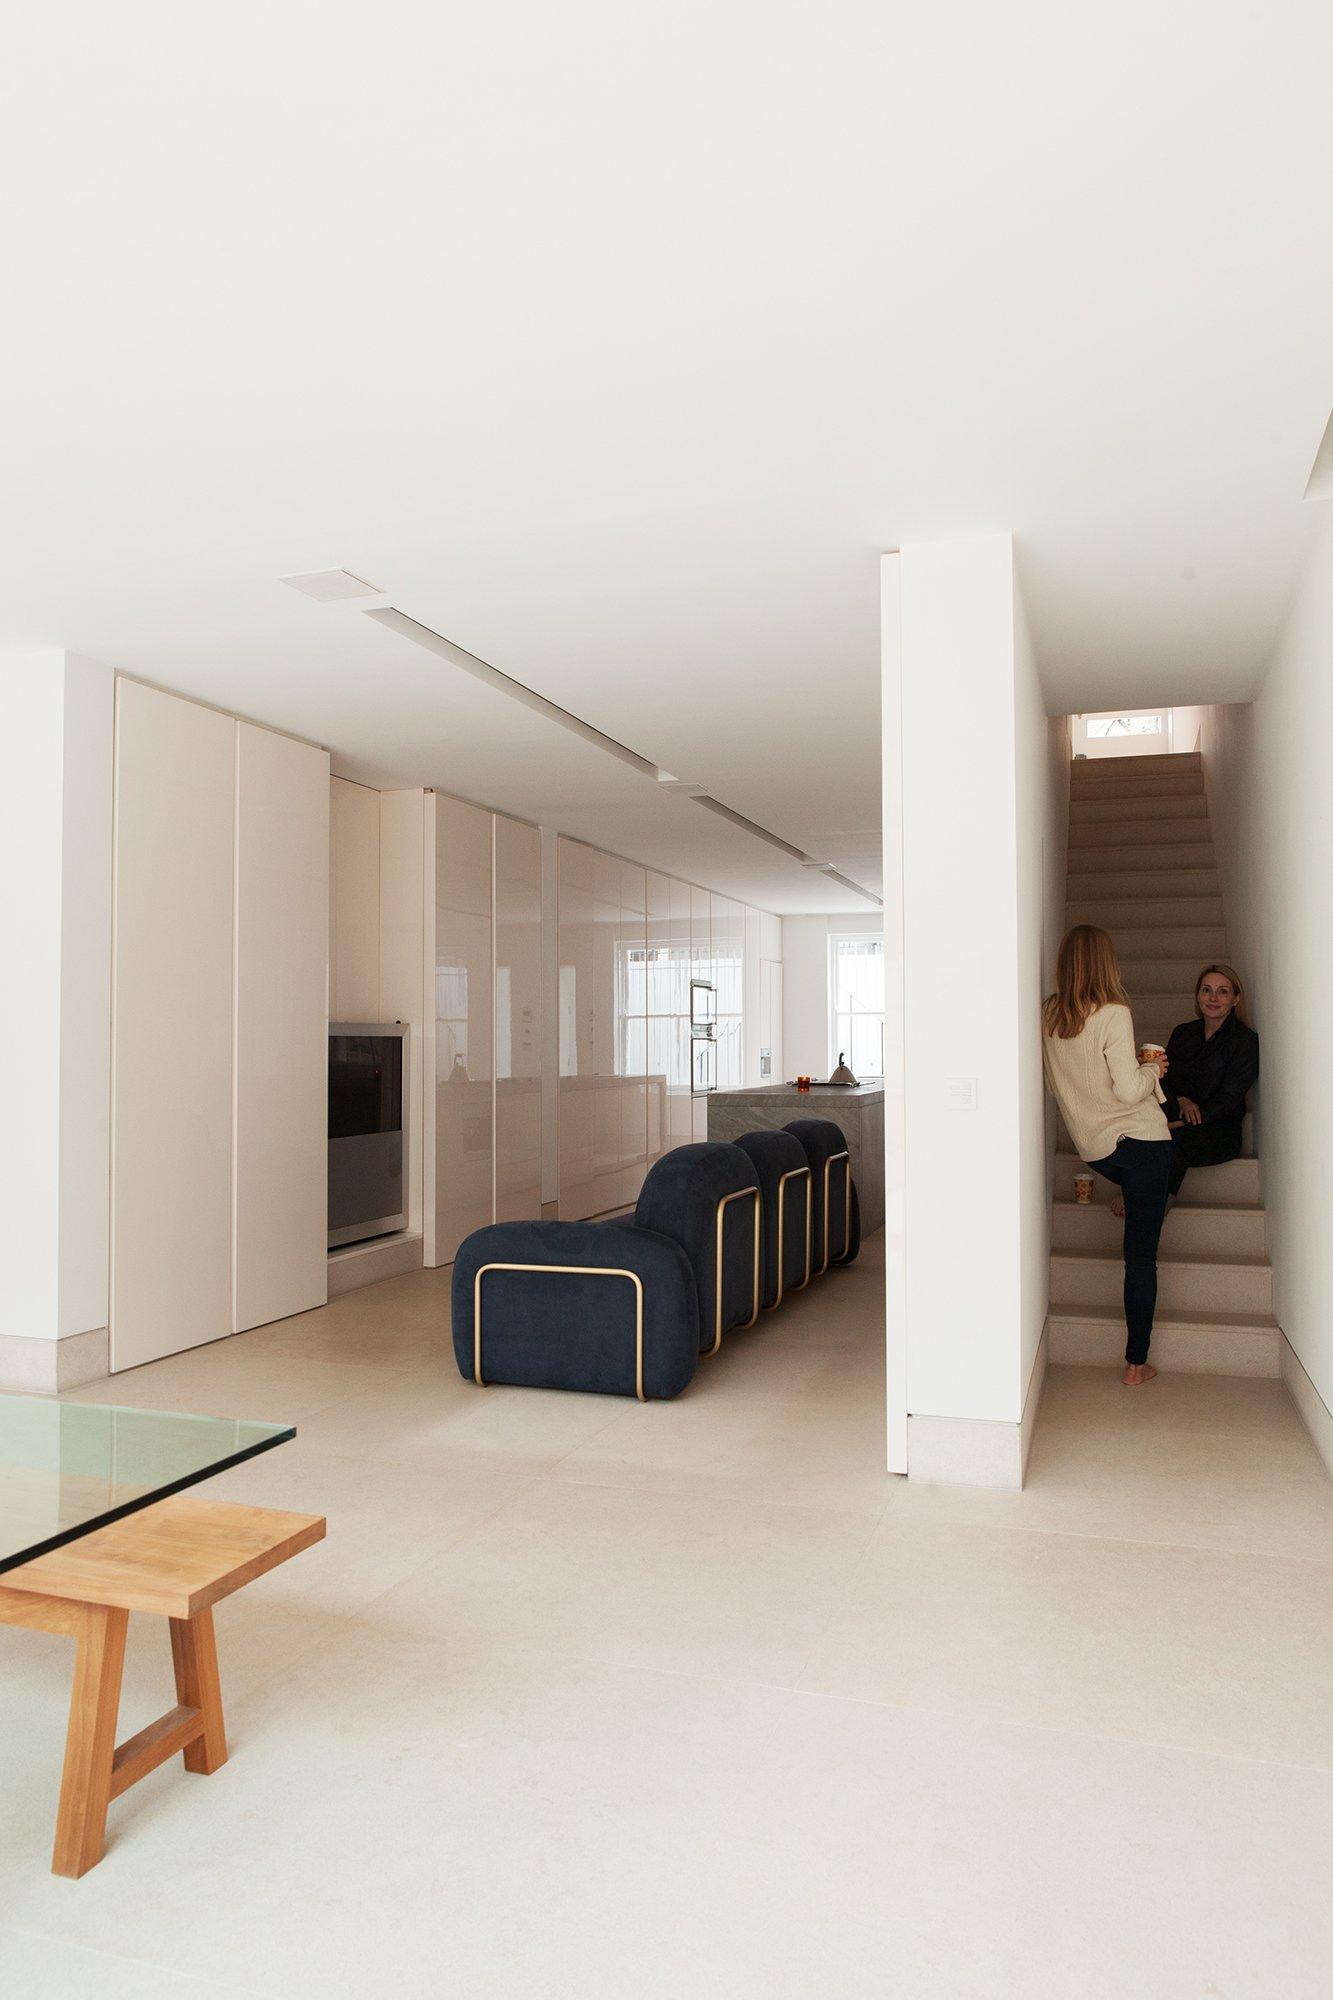 Salon Canapé Salle à manger Maison Londres The Invisible Collection